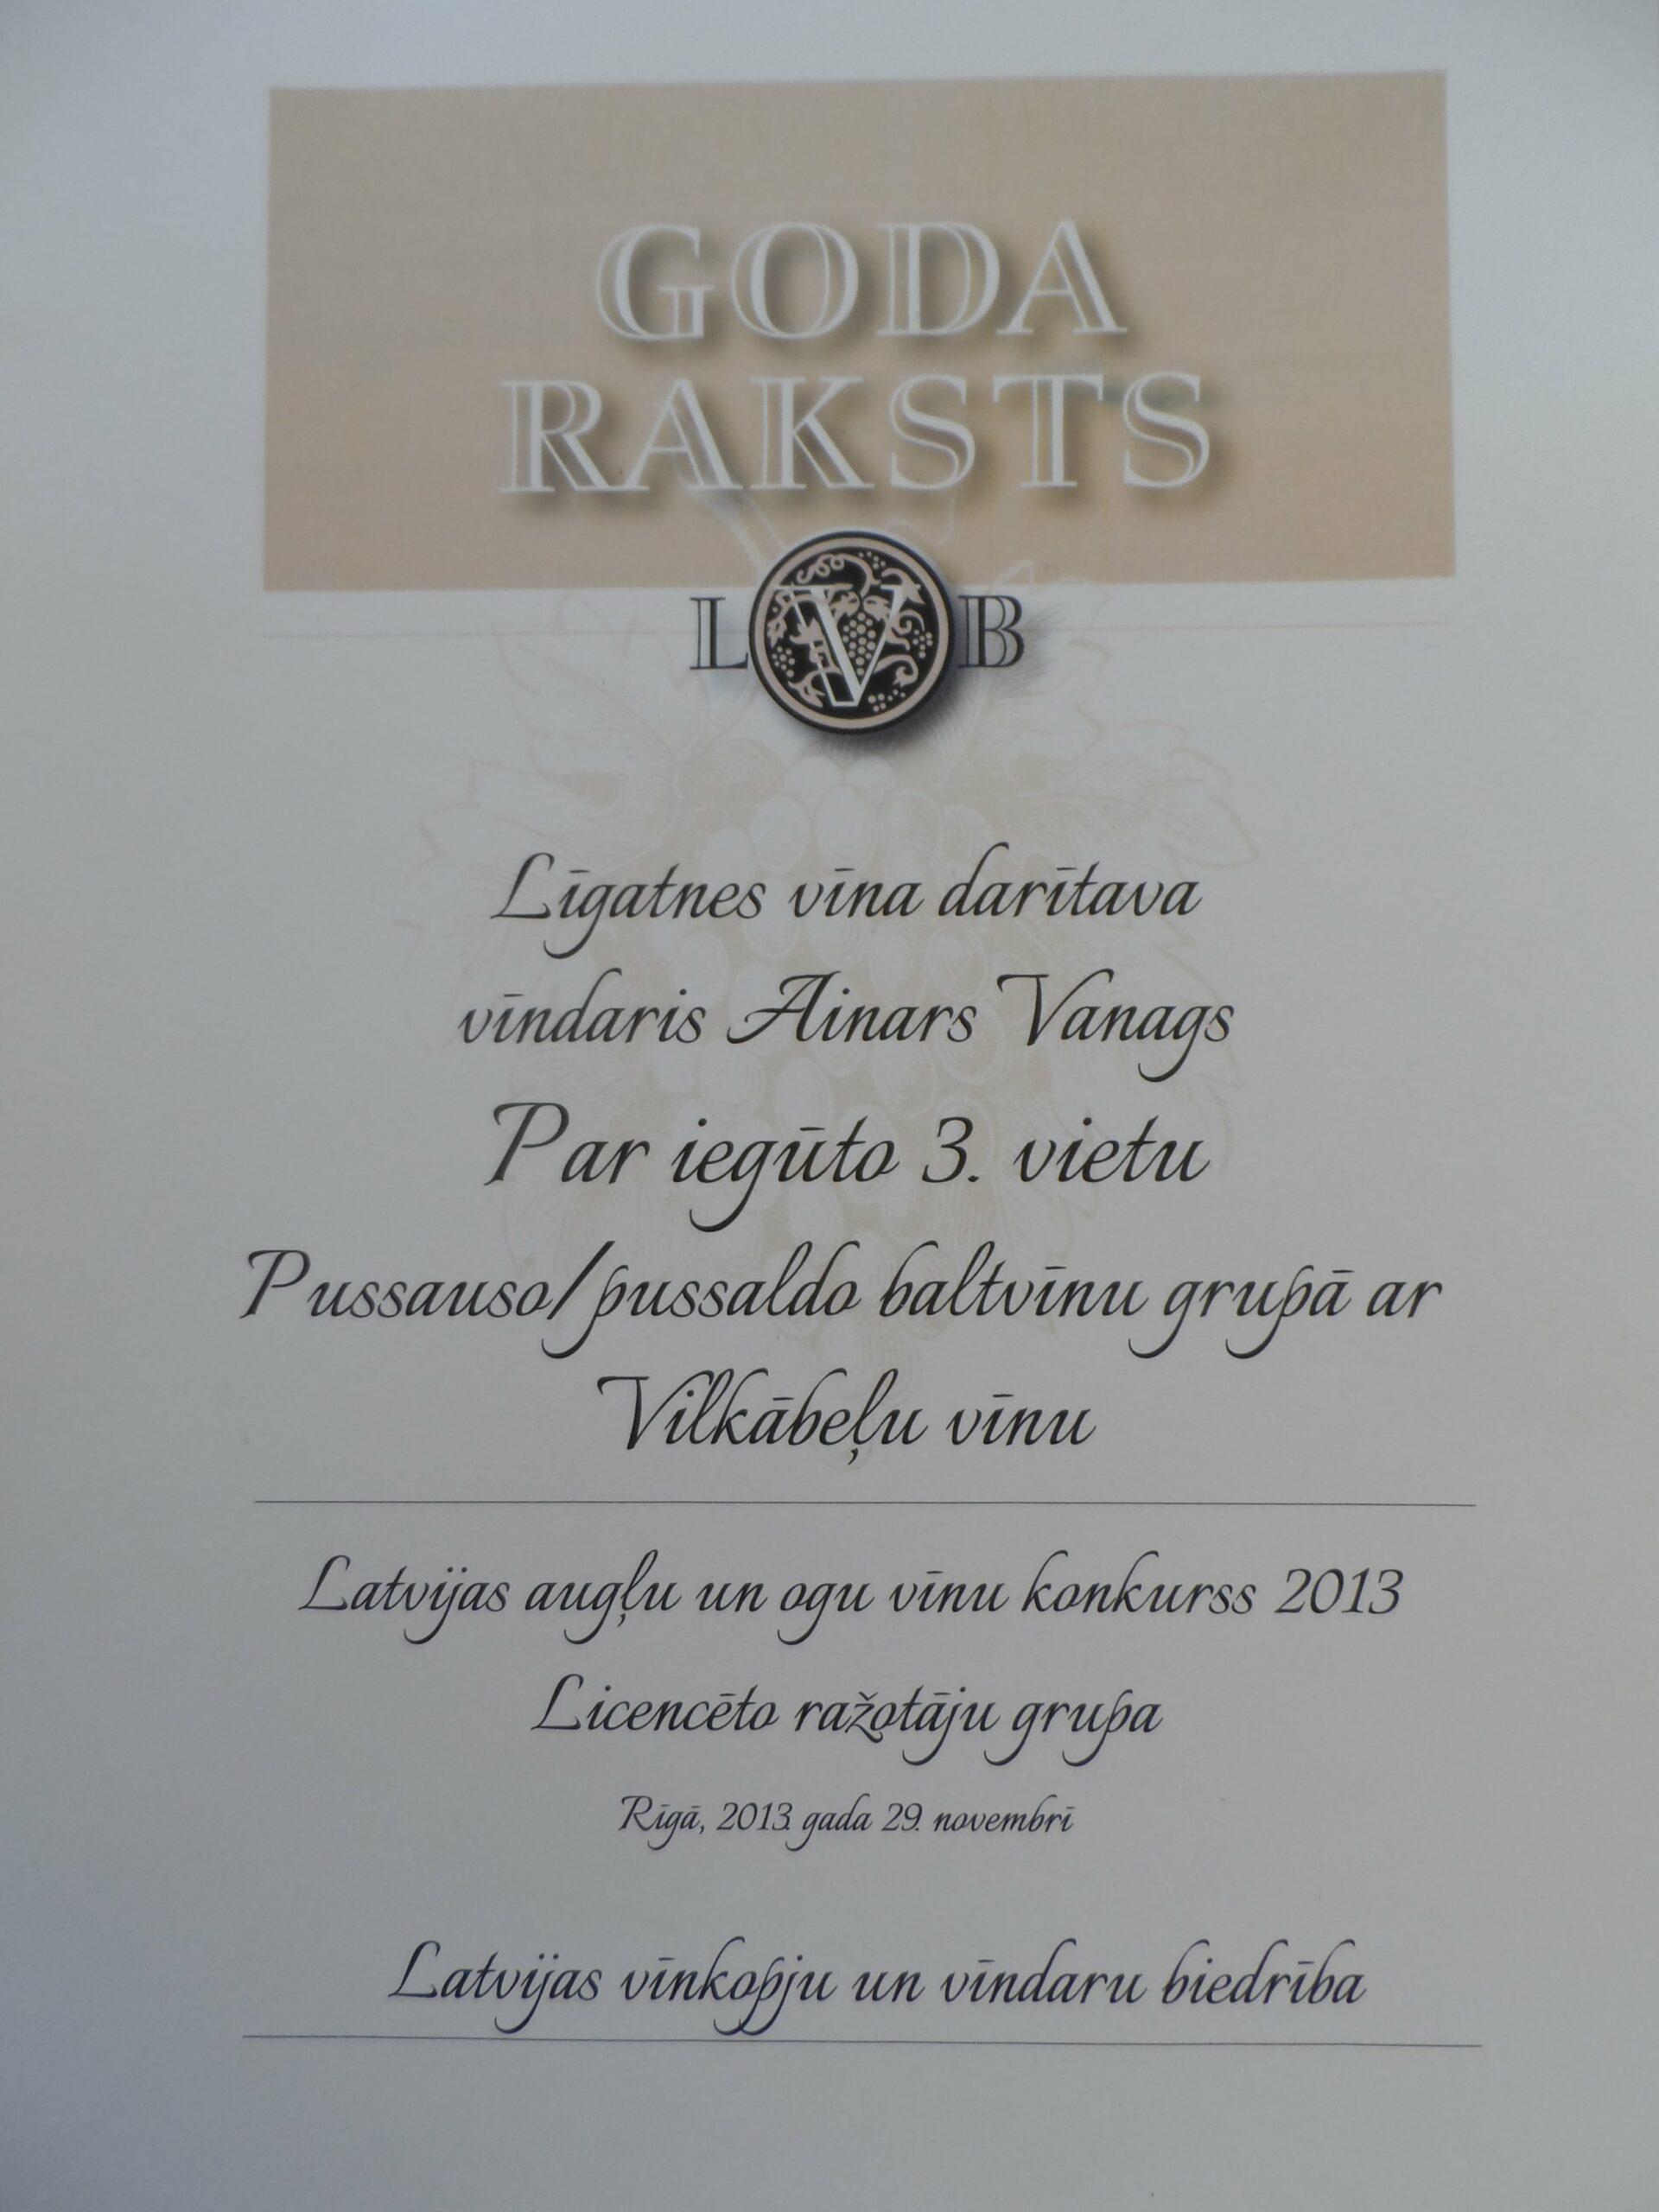 LVB 3.vieta Vilkābeļu vīns Pussauso/pussaldo baltvīnu grupā